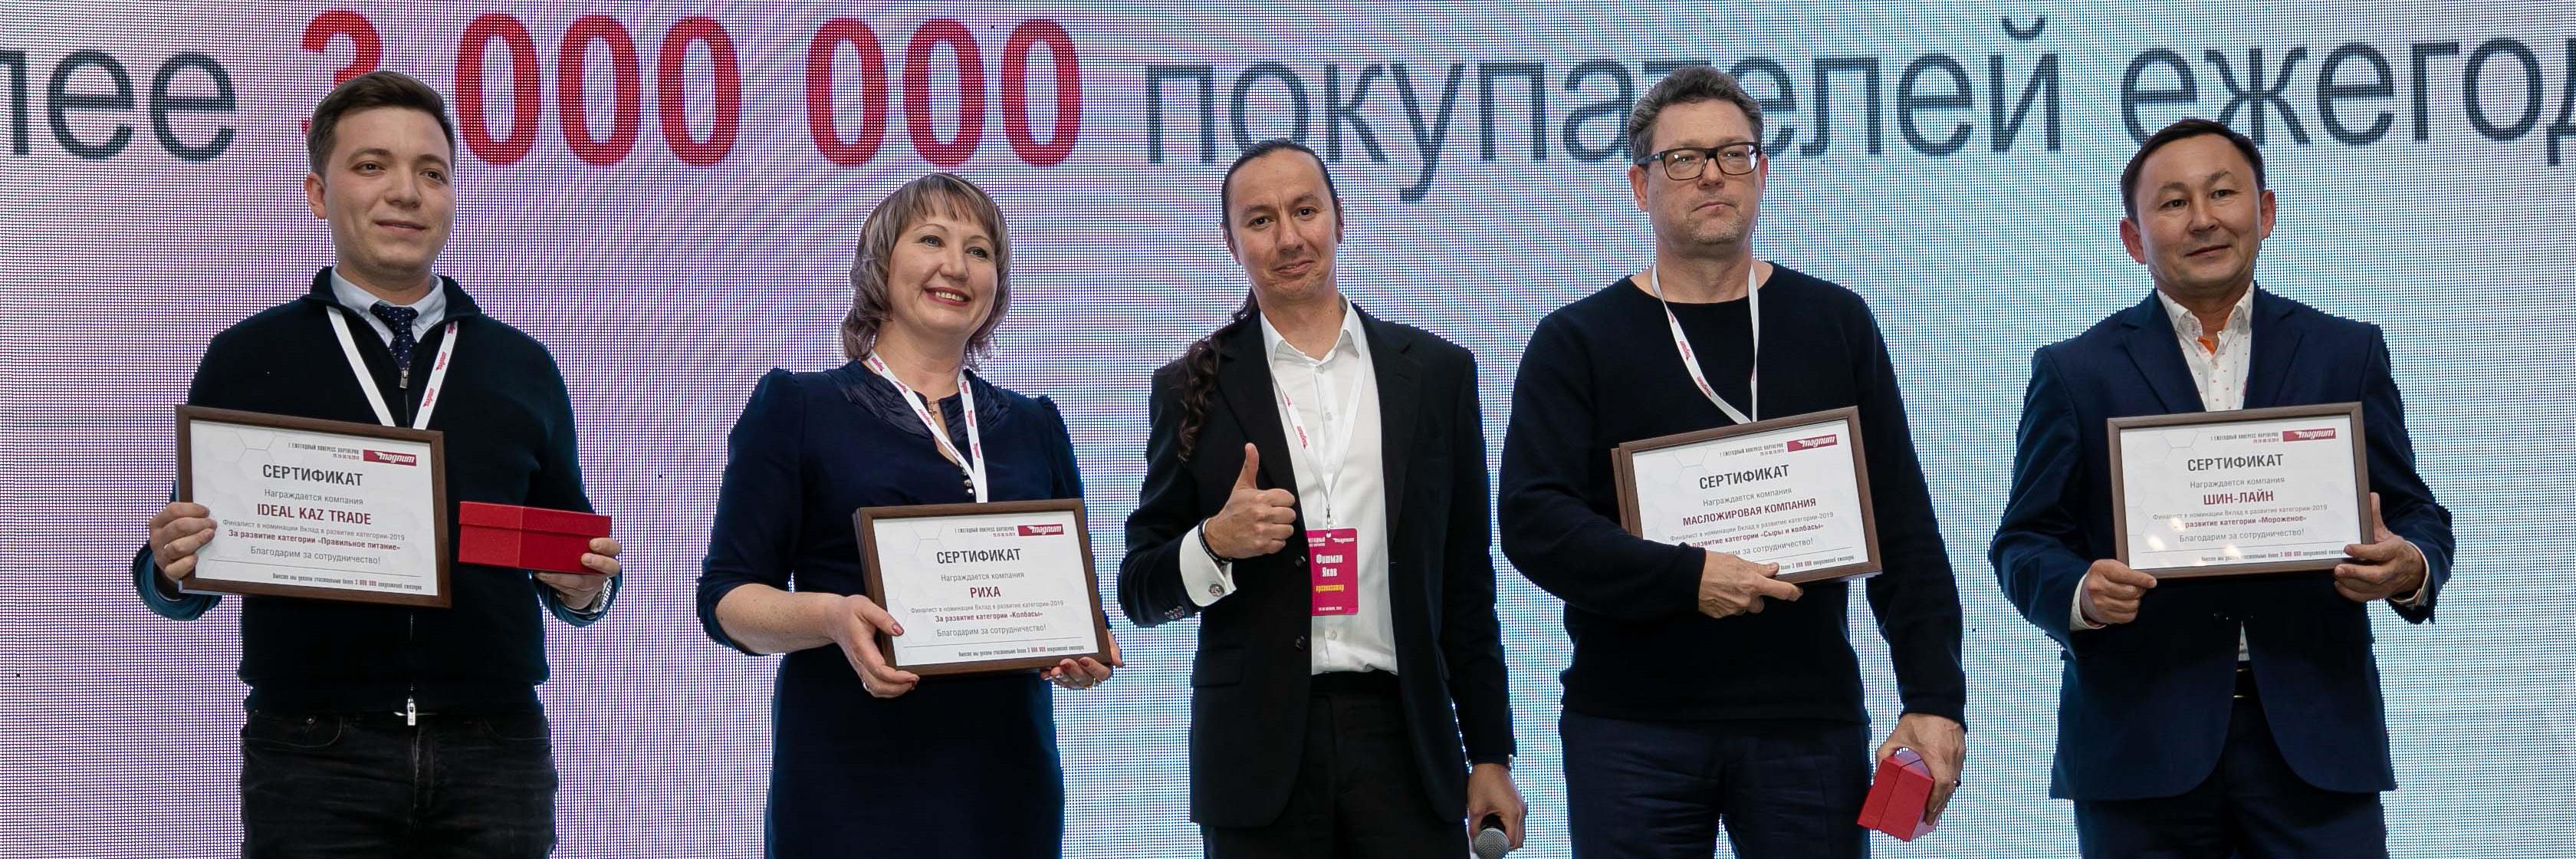 Компания «Шин-Лайн» стала финалистом I Ежегодного конгресса Партнеров Magnum